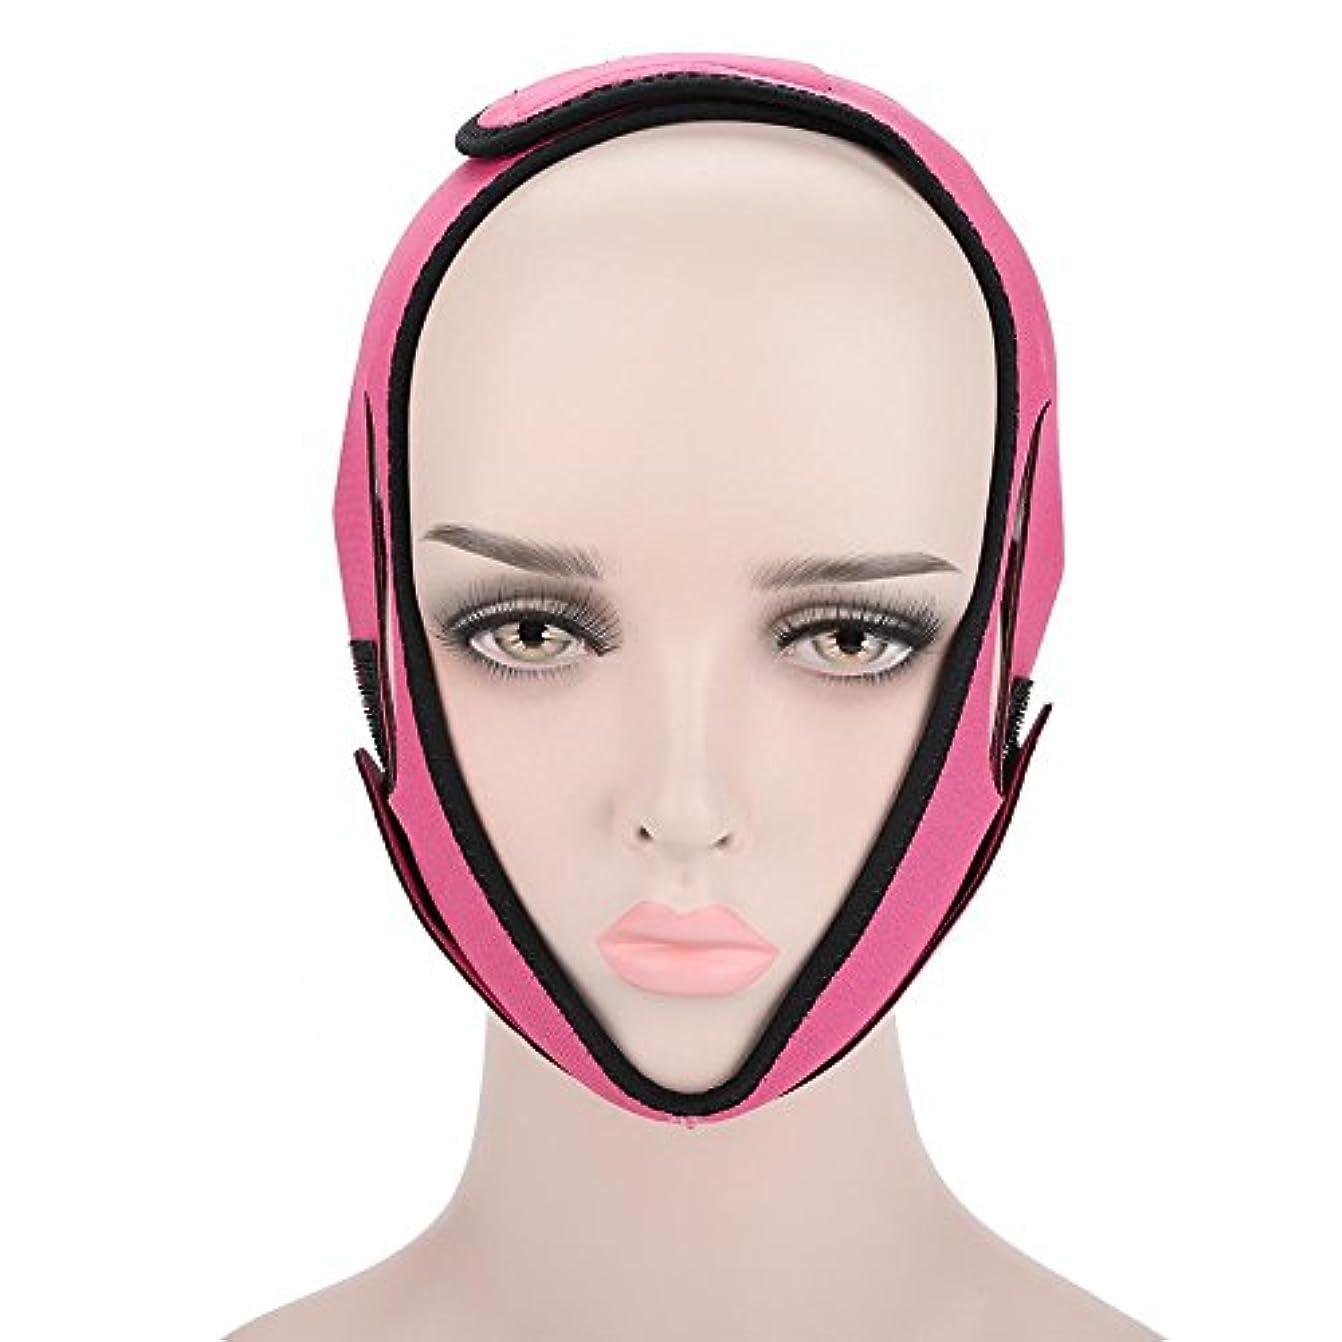 最大化するリネン驚くべきフェイススリミング包帯 顔の包帯フェイシャルスリミングマスクフェイシャルケアのためのフェイシャルベルト薄い首のフェイスリフトダブルチン女性のための(3#)